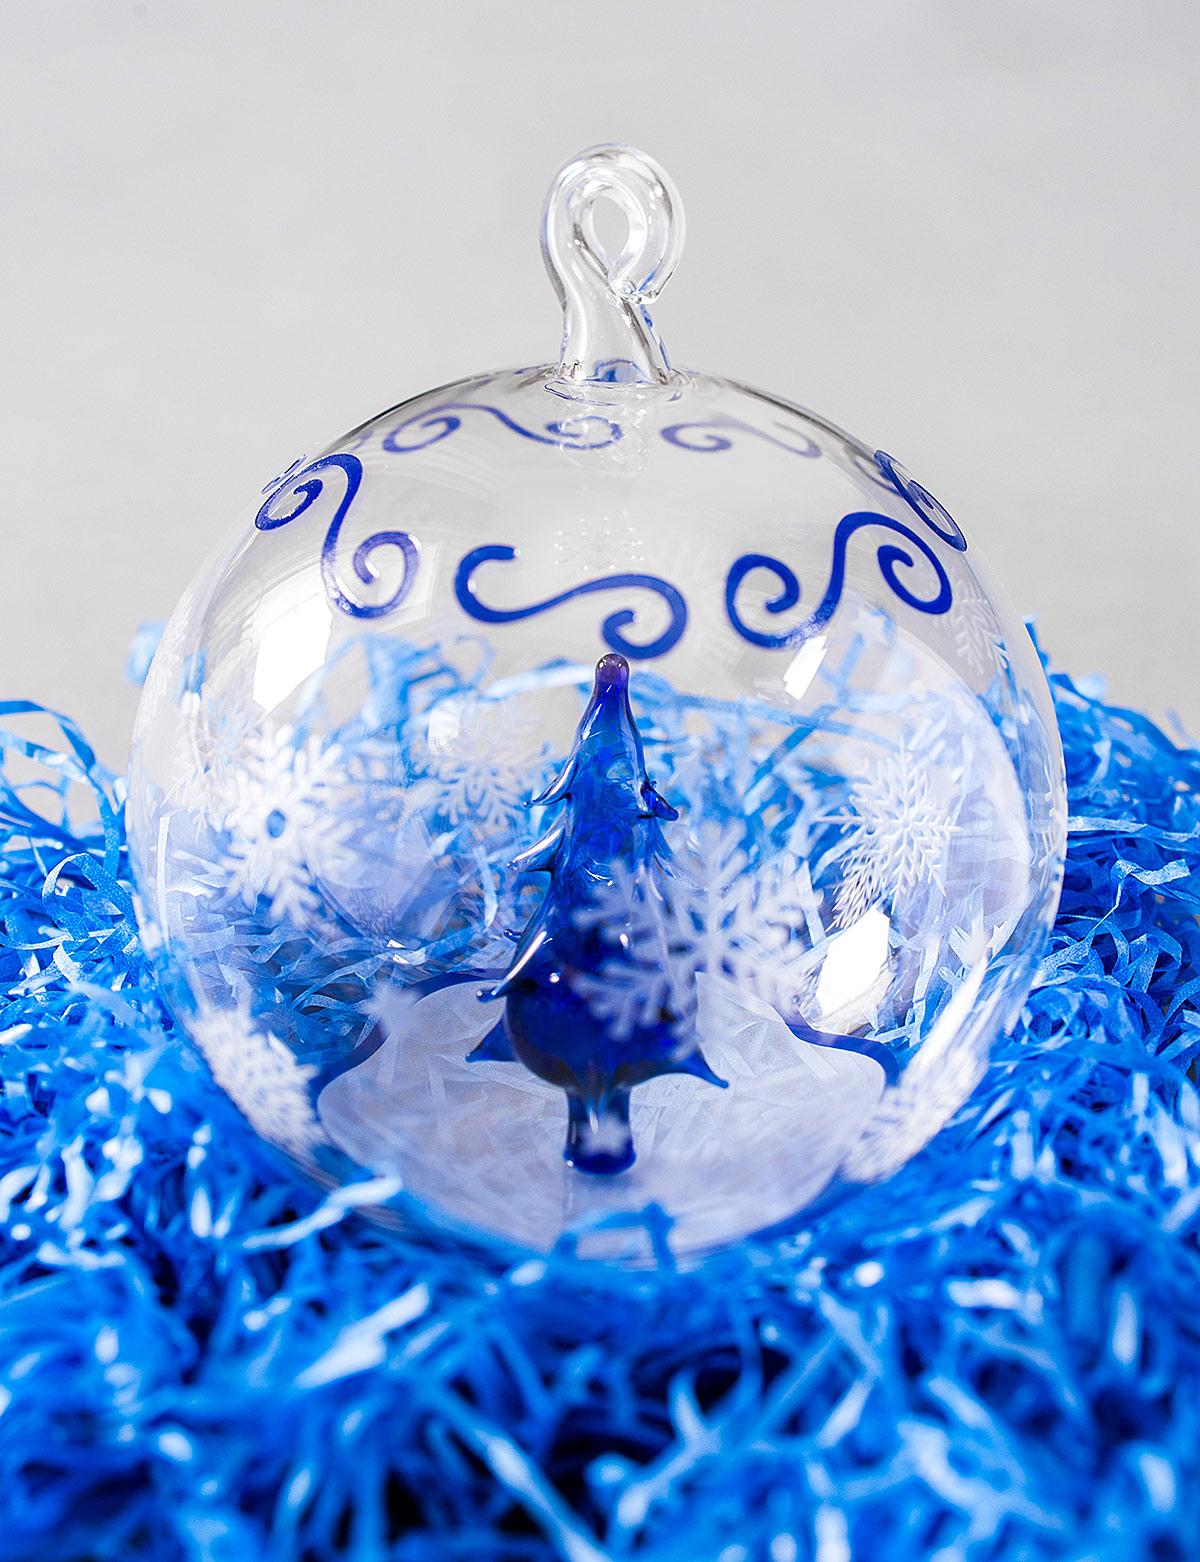 Эксклюзивная елочная игрушка ручной работы. Стеклянный елочный шар как новогодний подарок VIP-клиентам банка Альтбанк (Altbank)